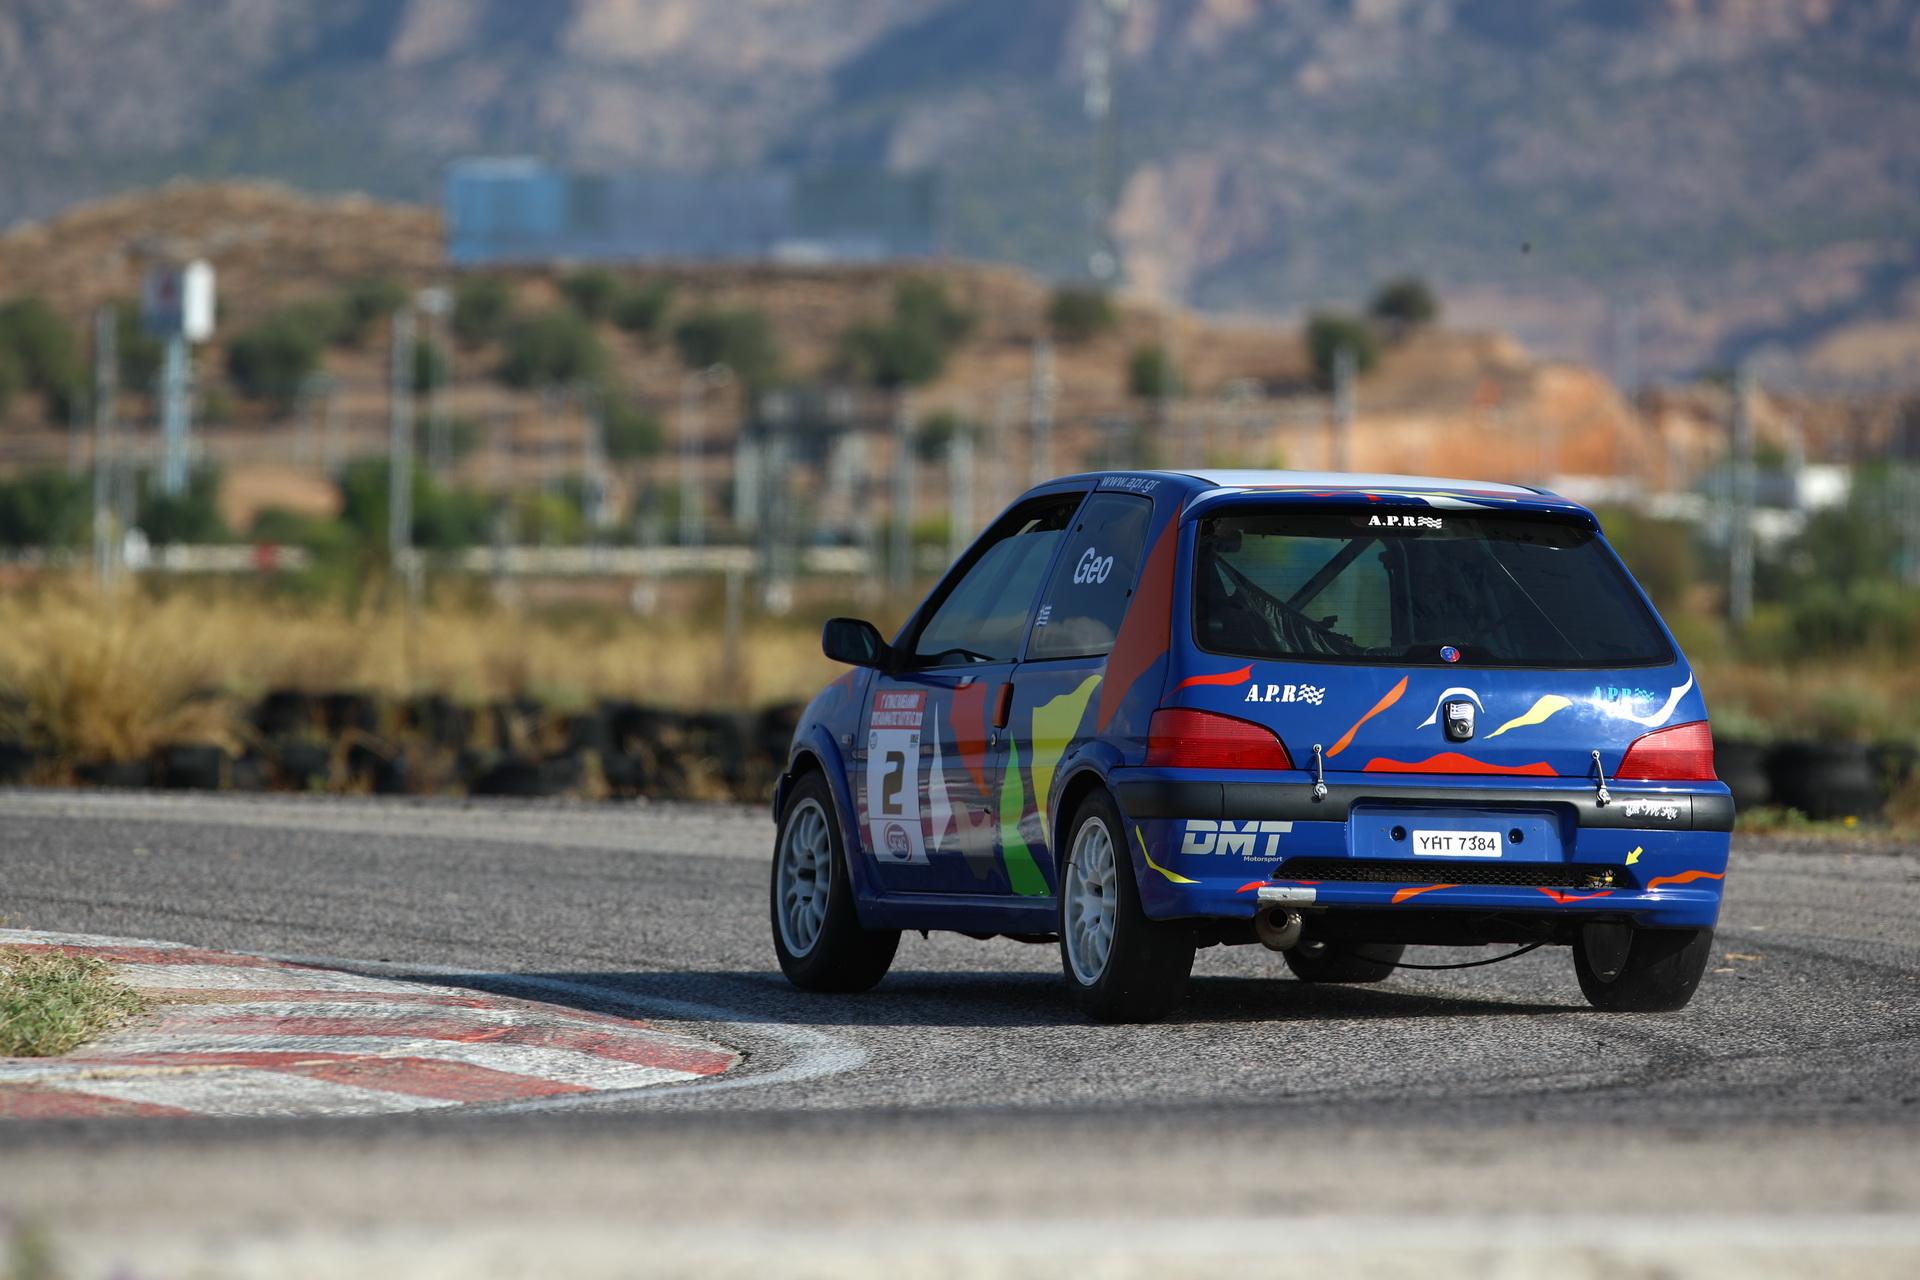 Αύριο στο Αυτοκινητοδρόμιο Μεγάρων ο 1ος αγώνας του Πανελληνίου Πρωταθλήματος Ταχύτητας 2020